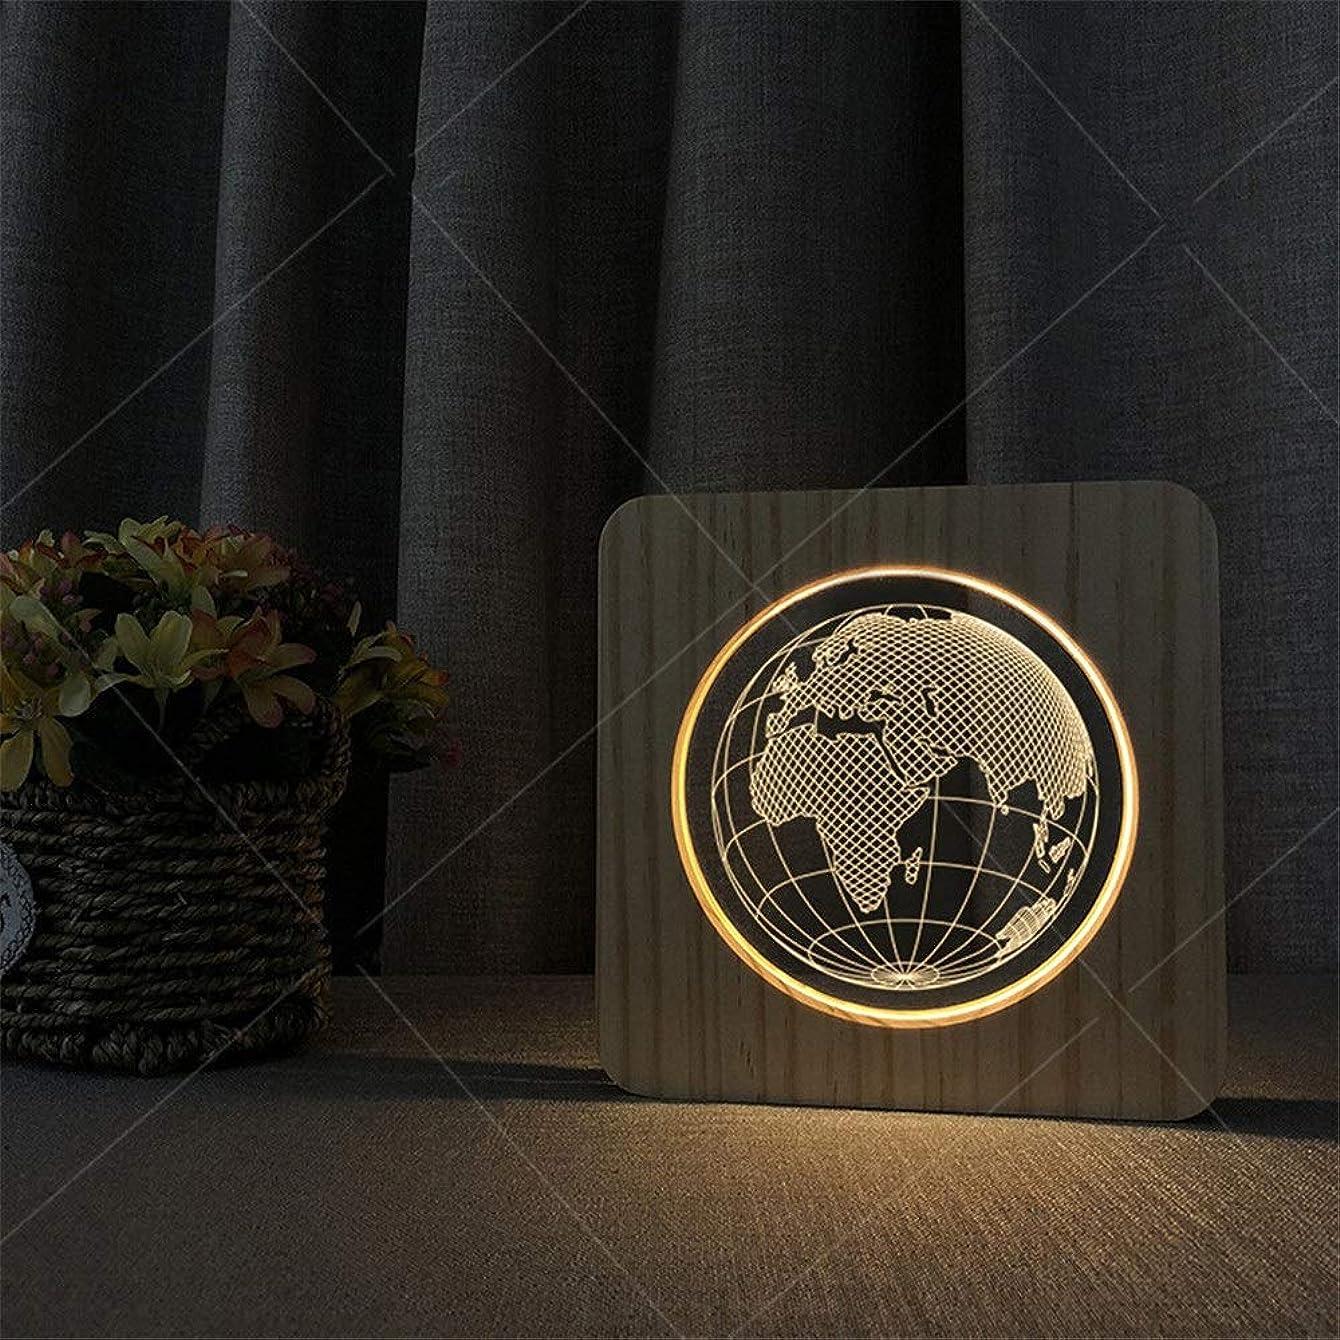 中央シャツ確立しますナイトライトled 3dアースパターンウッドアクリル錯覚ledライトオフィステーブルランプギフトリビングルームホームデコレーションusb電源 常夜灯 (色 : Wood, サイズ : 190*190*30mm)